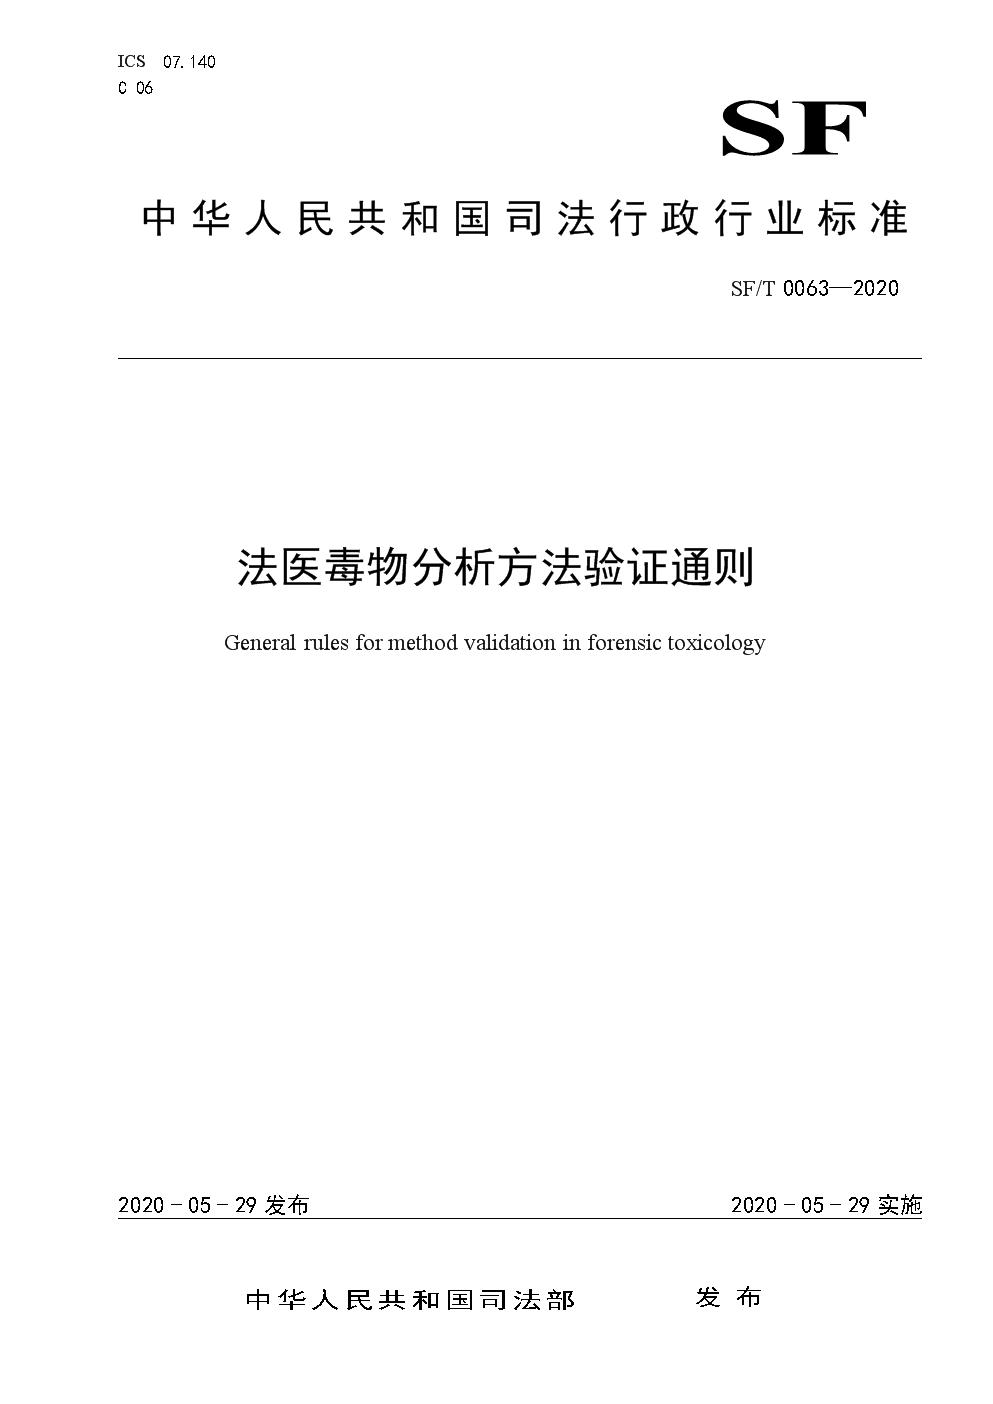 SF_T 0063-2020法醫毒物分析方法驗證通則.docx